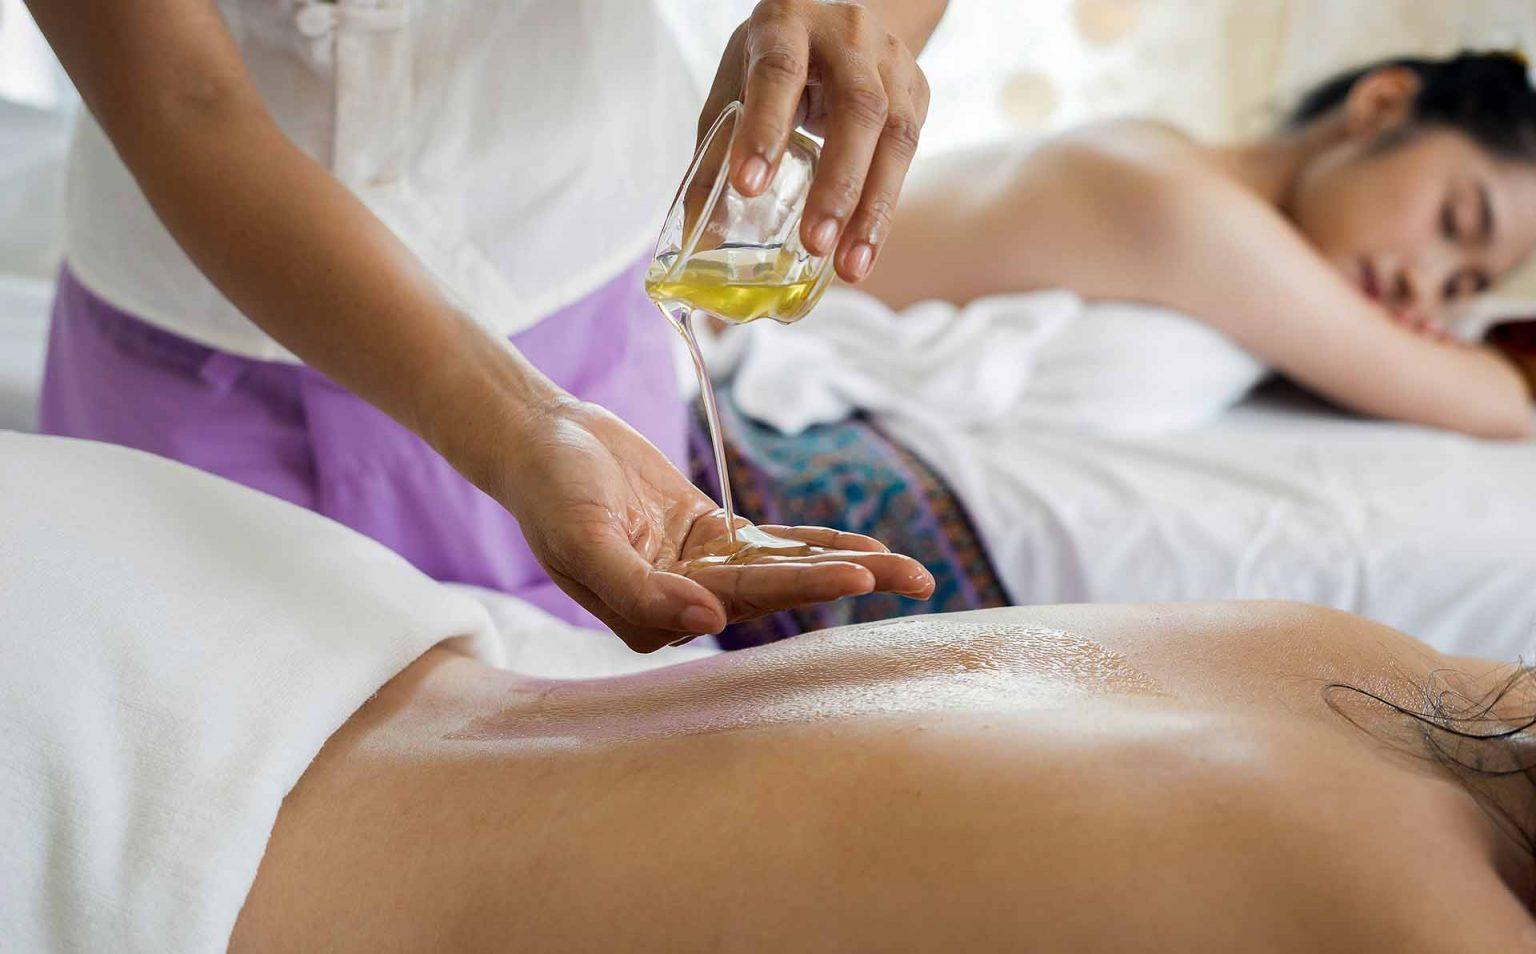 Massaggio olistico, operatore olistico e massaggio.